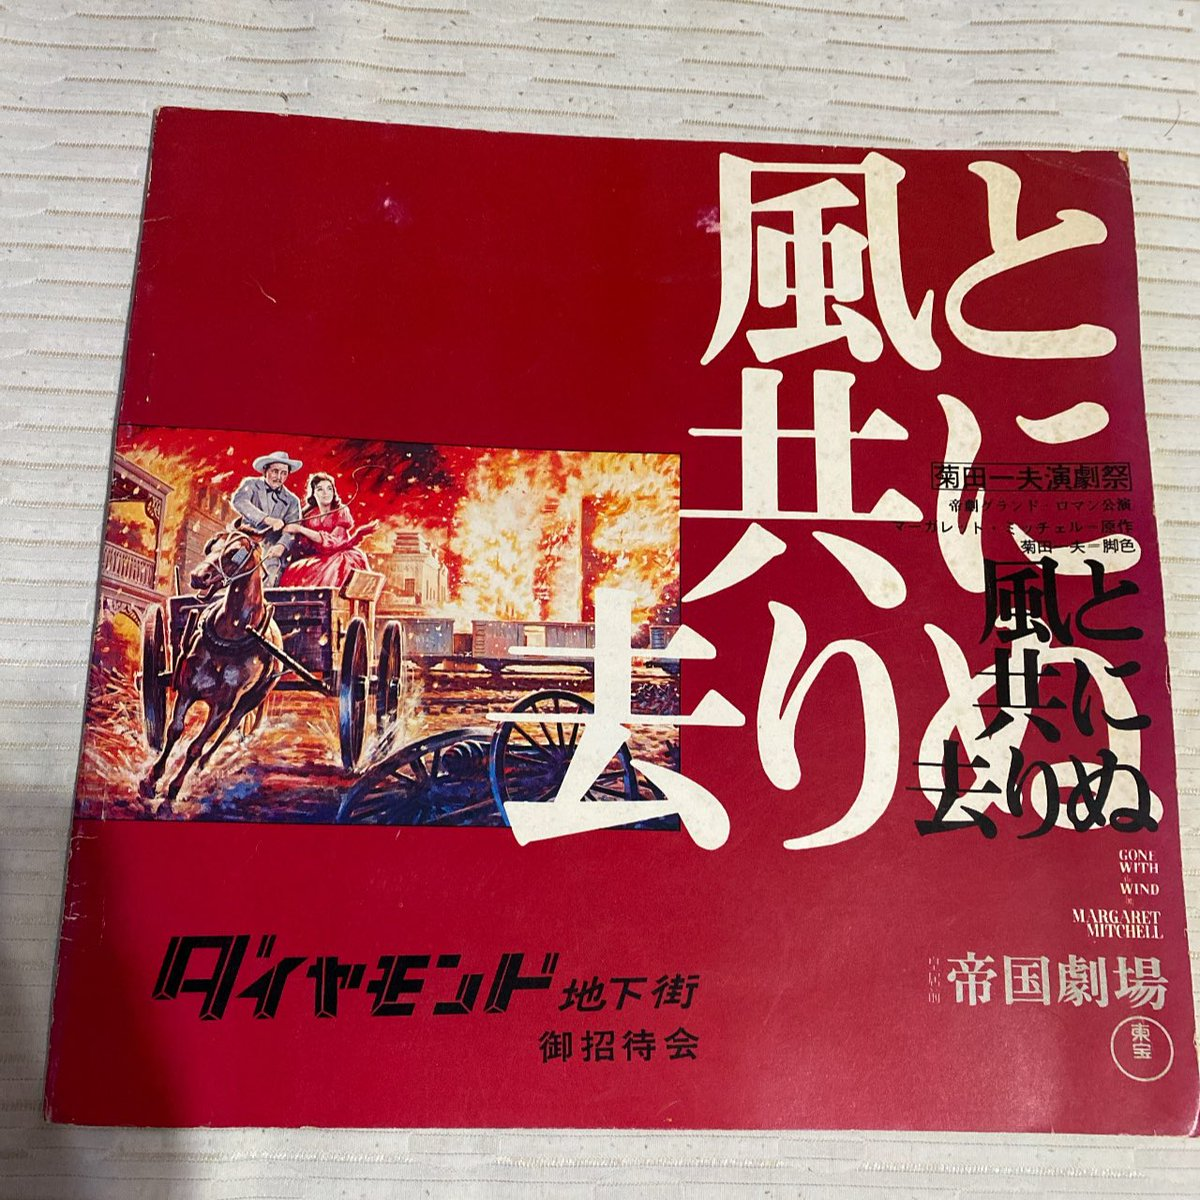 レア品パンフレット!帝国劇場 風と共に去りぬ 東宝昭和49年もの。遺品整理作業の廃棄物に紛れていました。あぶないあぶない😰